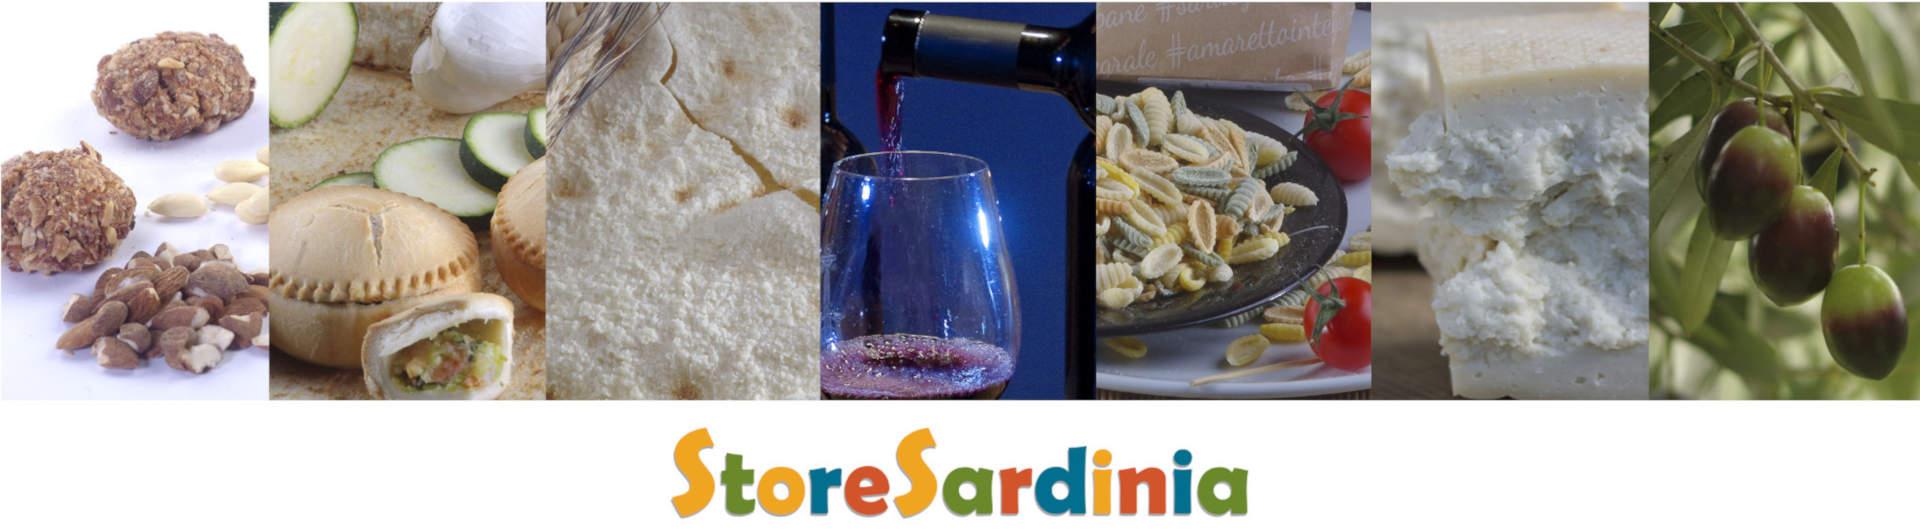 StoreSardinia e Confartigianato per le imprese dell'agroalimentare Sardegna